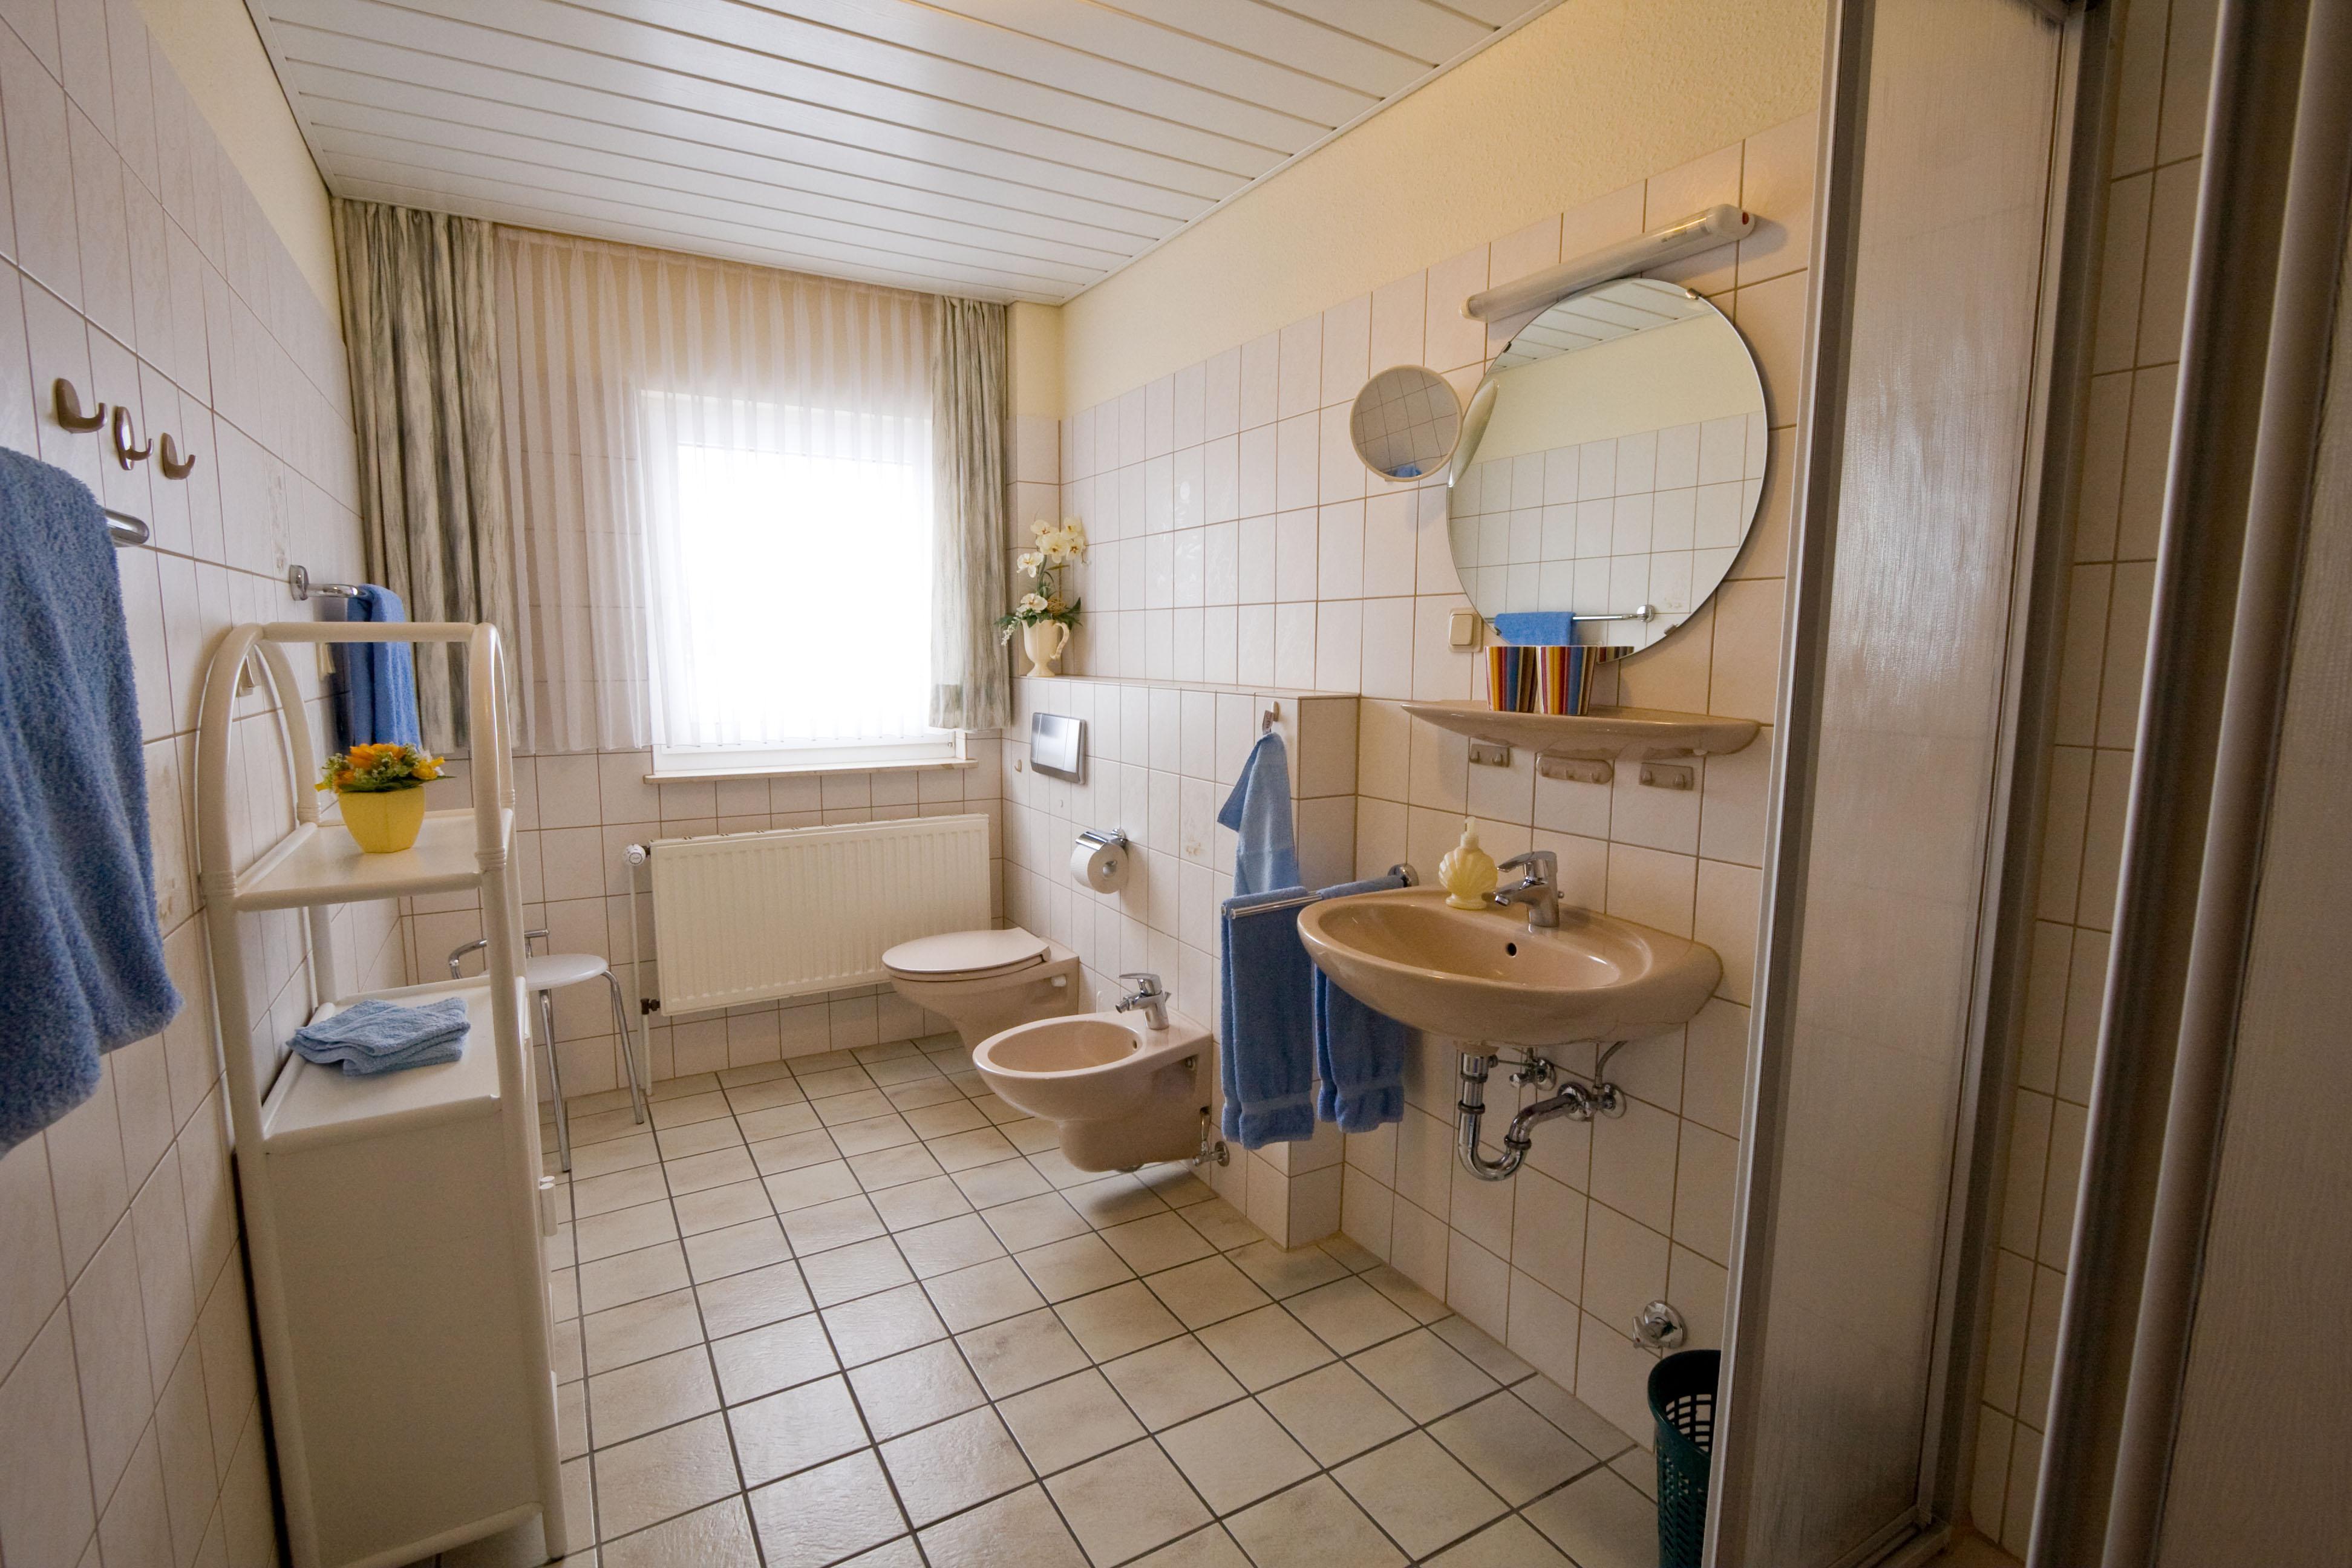 beschreibung der ferienwohnung 39 ferienwohnung 4 39 haus nietmann ferienwohnungen in altenau. Black Bedroom Furniture Sets. Home Design Ideas